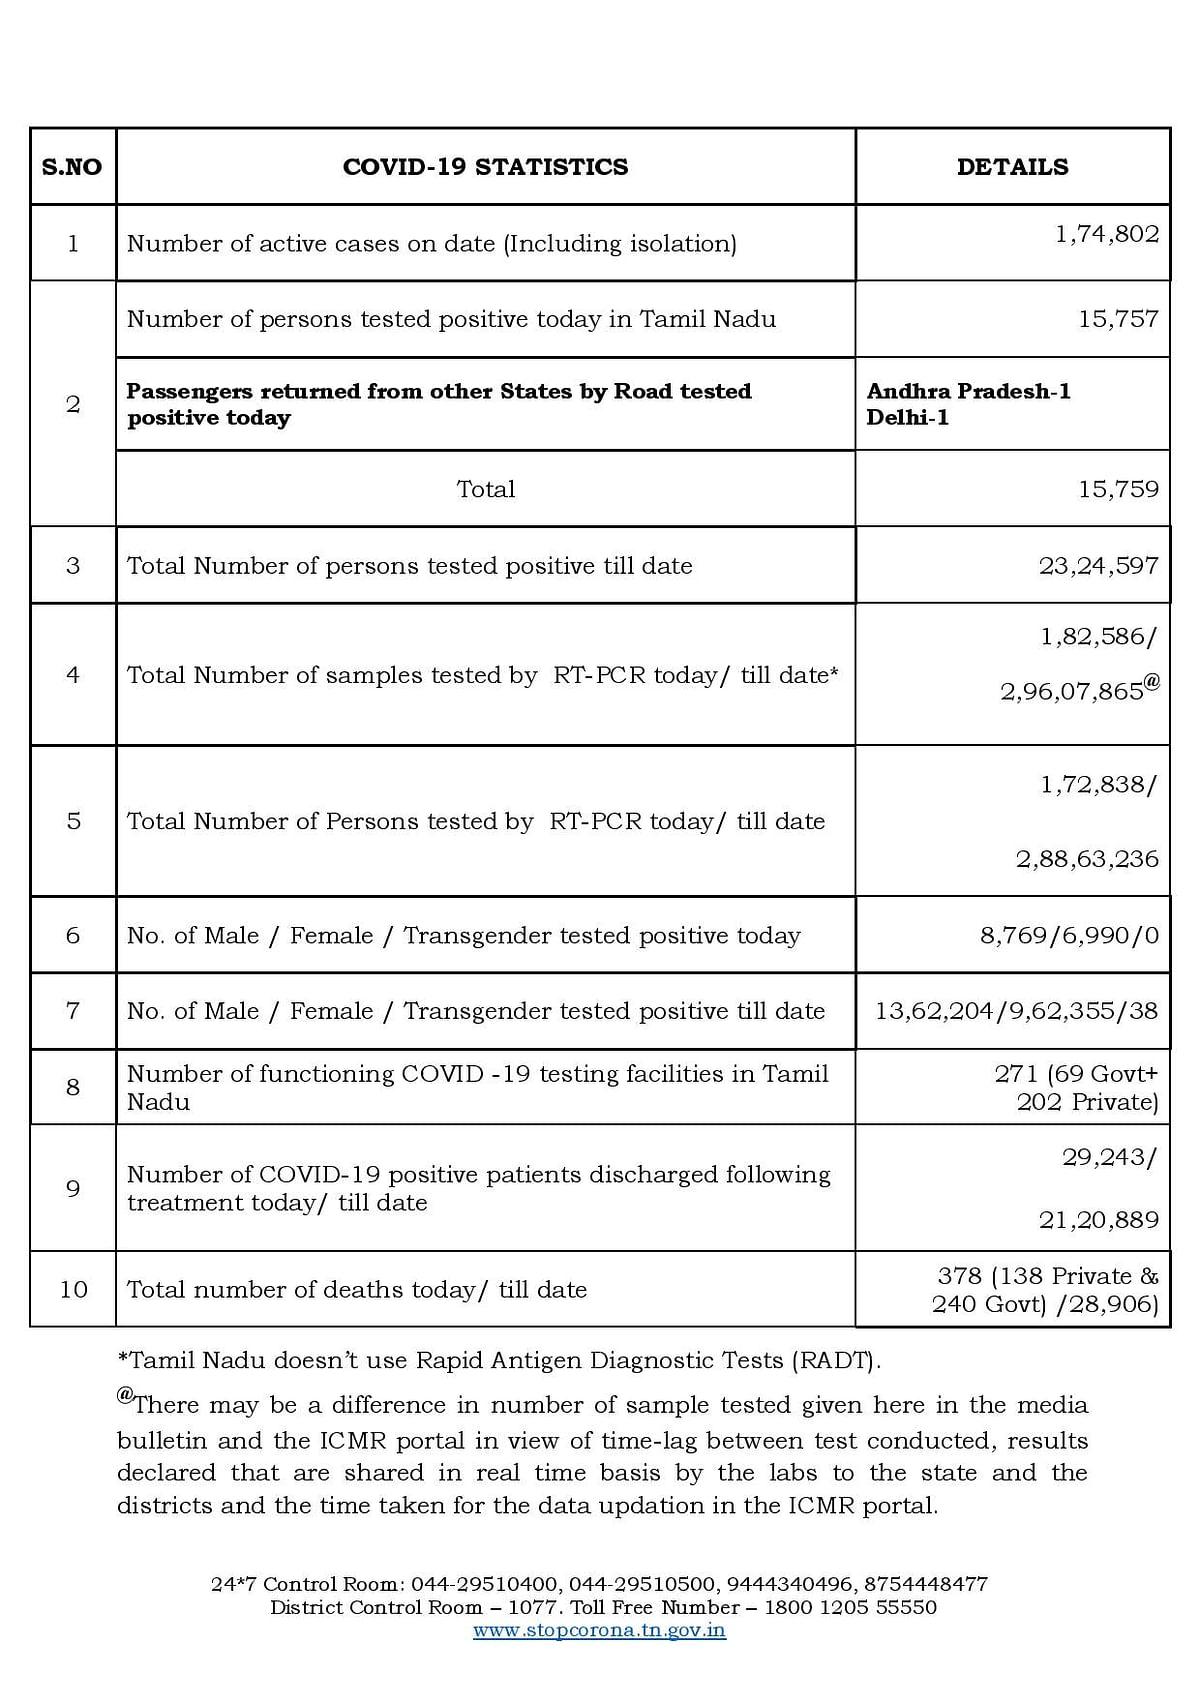 தொடர்ந்து காலியாகும் கோவிட் படுக்கைகள்; மேலும் 29,243 பேர் டிஸ்சார்ஜ் - தமிழ்நாட்டின் கொரோனா நிலவரம்!